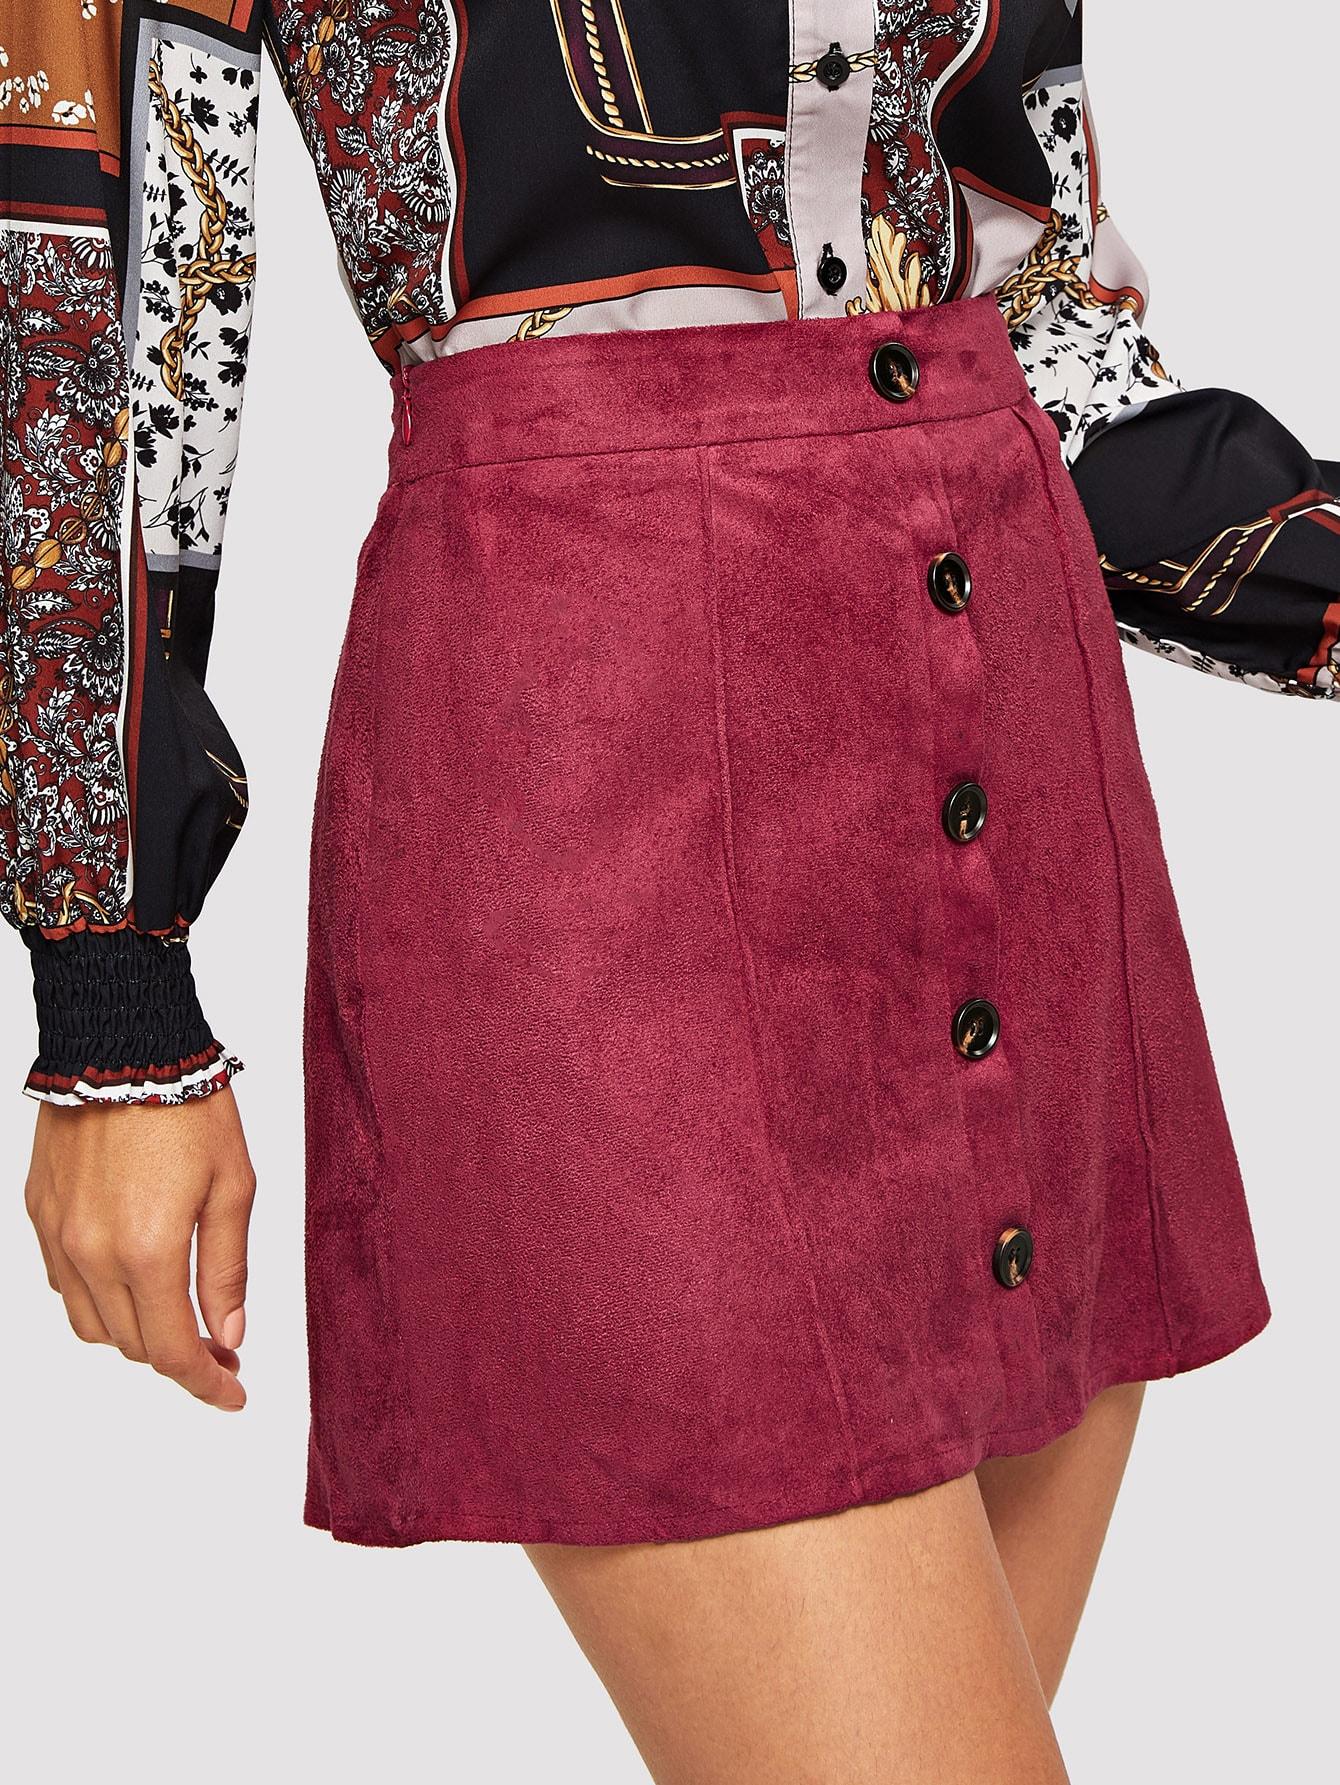 Купить Замшевая юбка с пуговицами, Juliana, SheIn